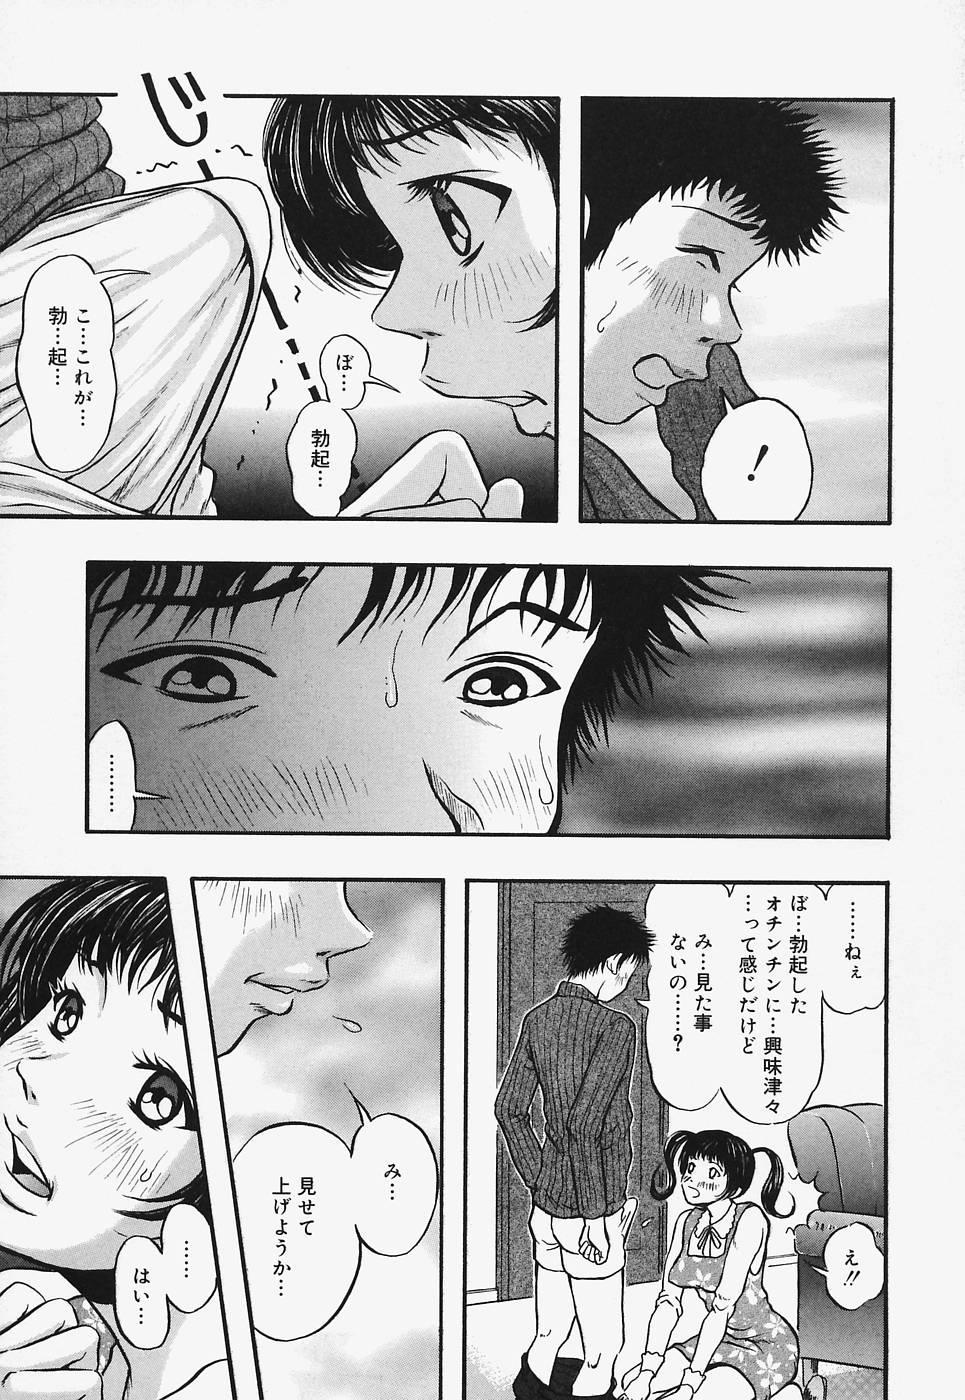 Nurunuru Syoujyo Jiru 72